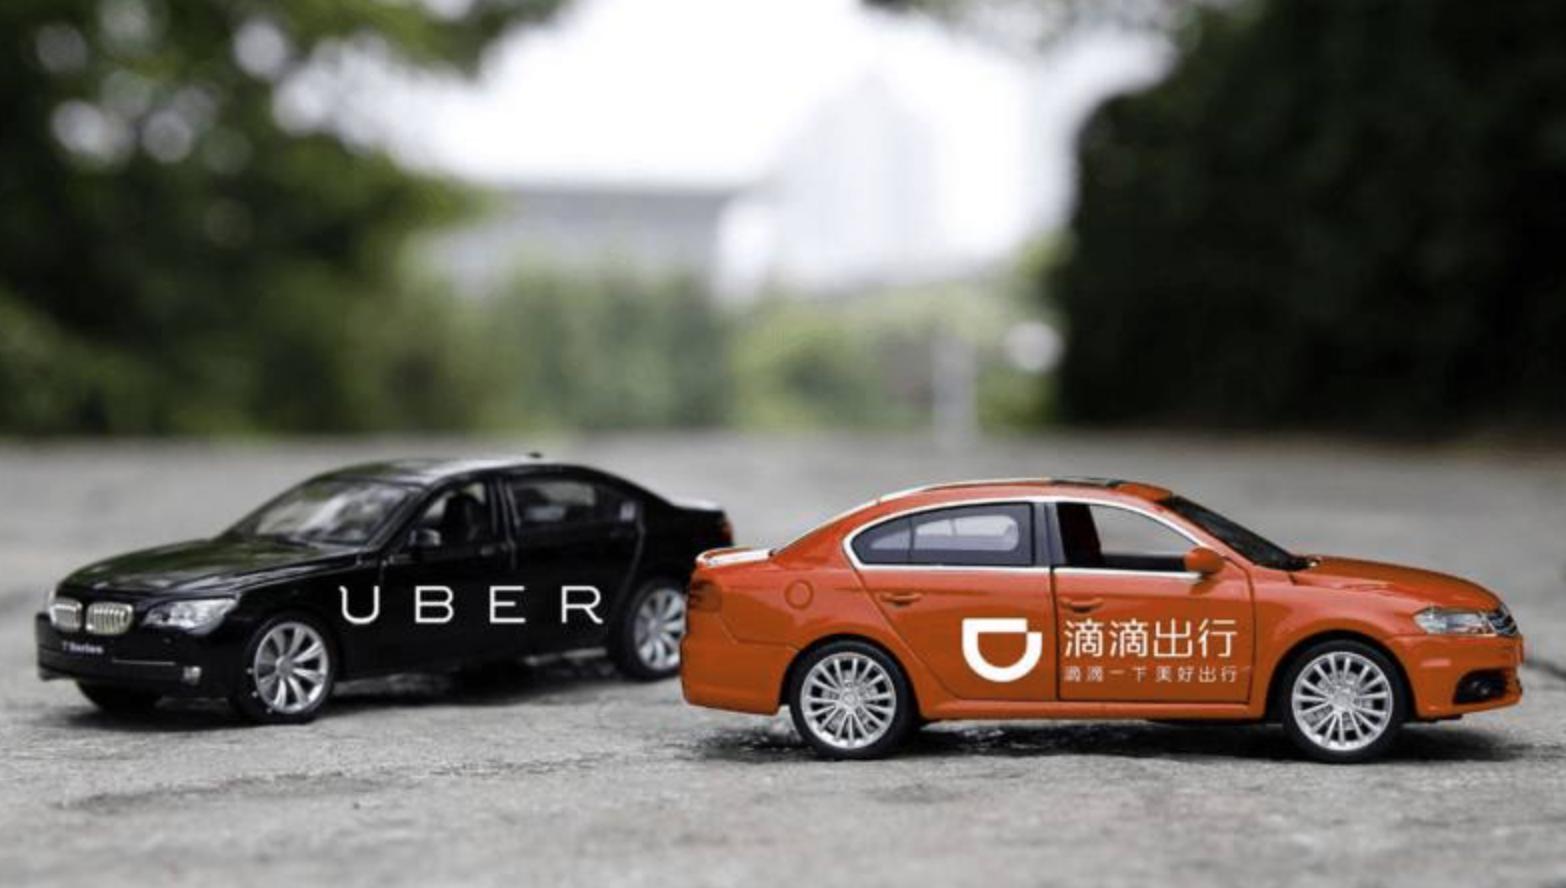 滴滴、Uber改变了全球出行 却仍难对抗交通难题